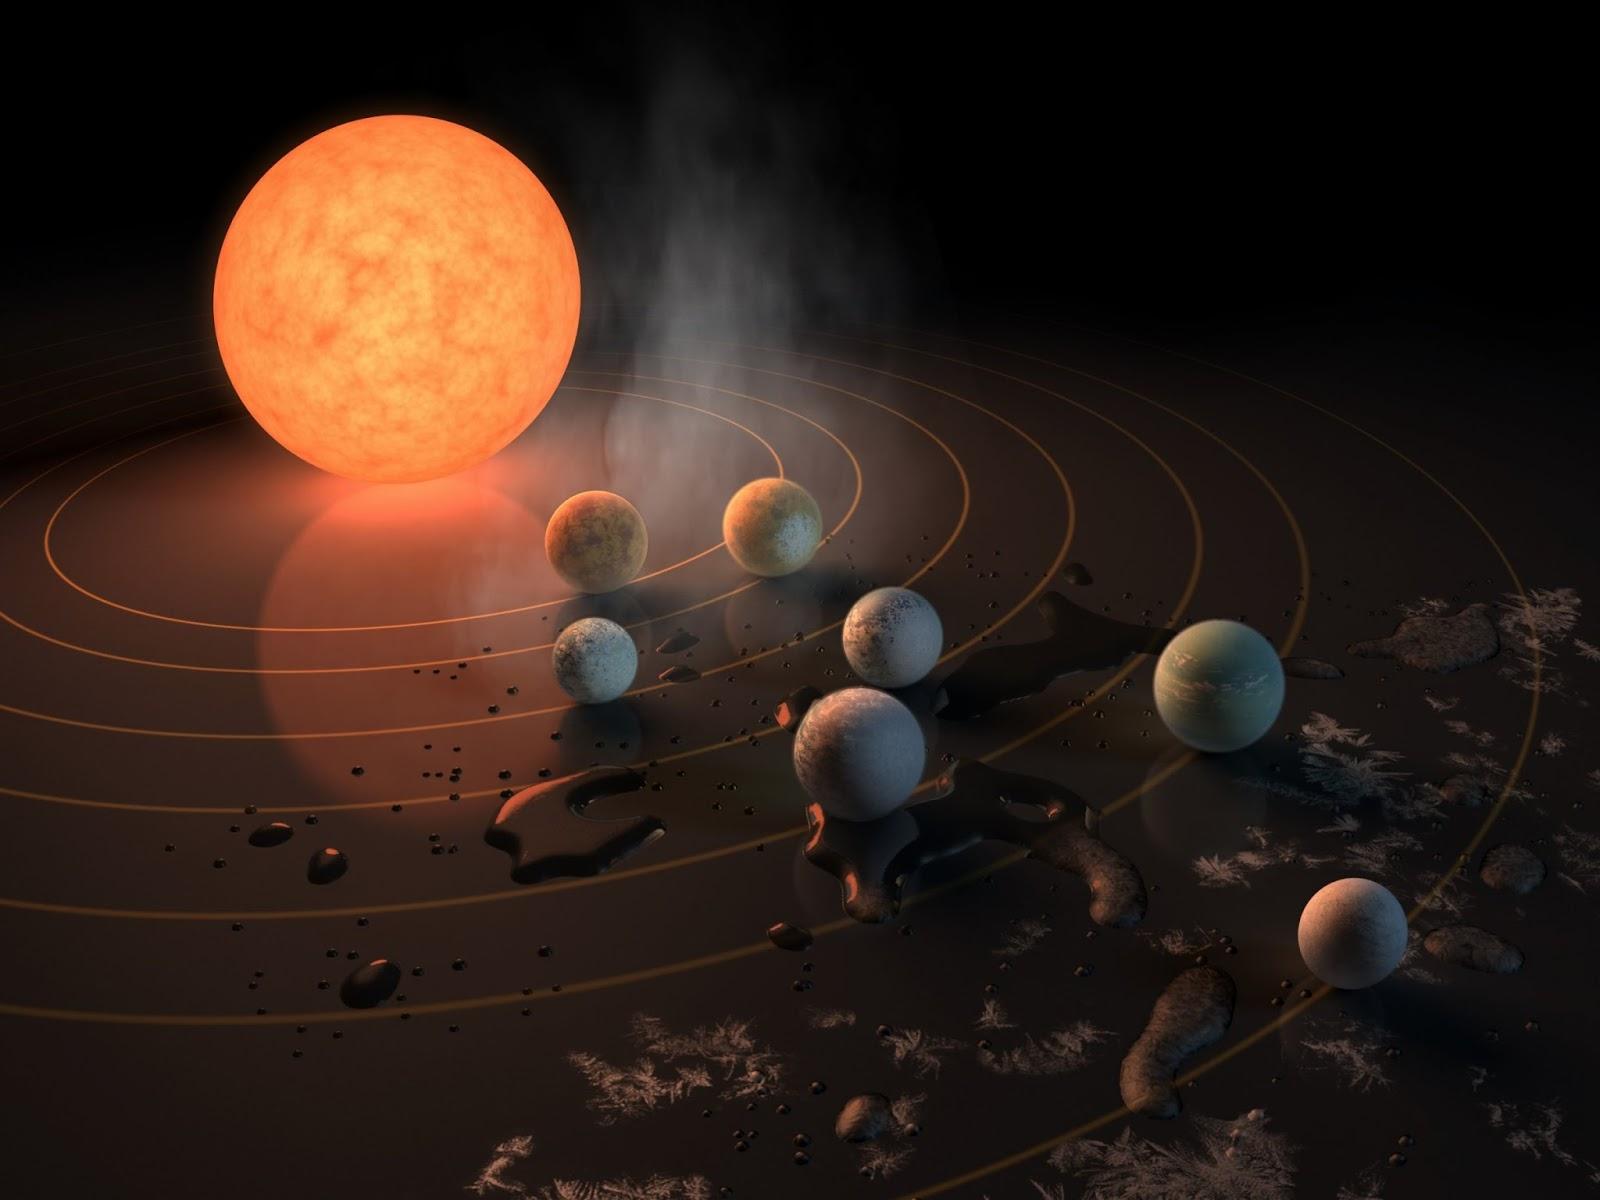 Planètes et étoiles 01.jpg